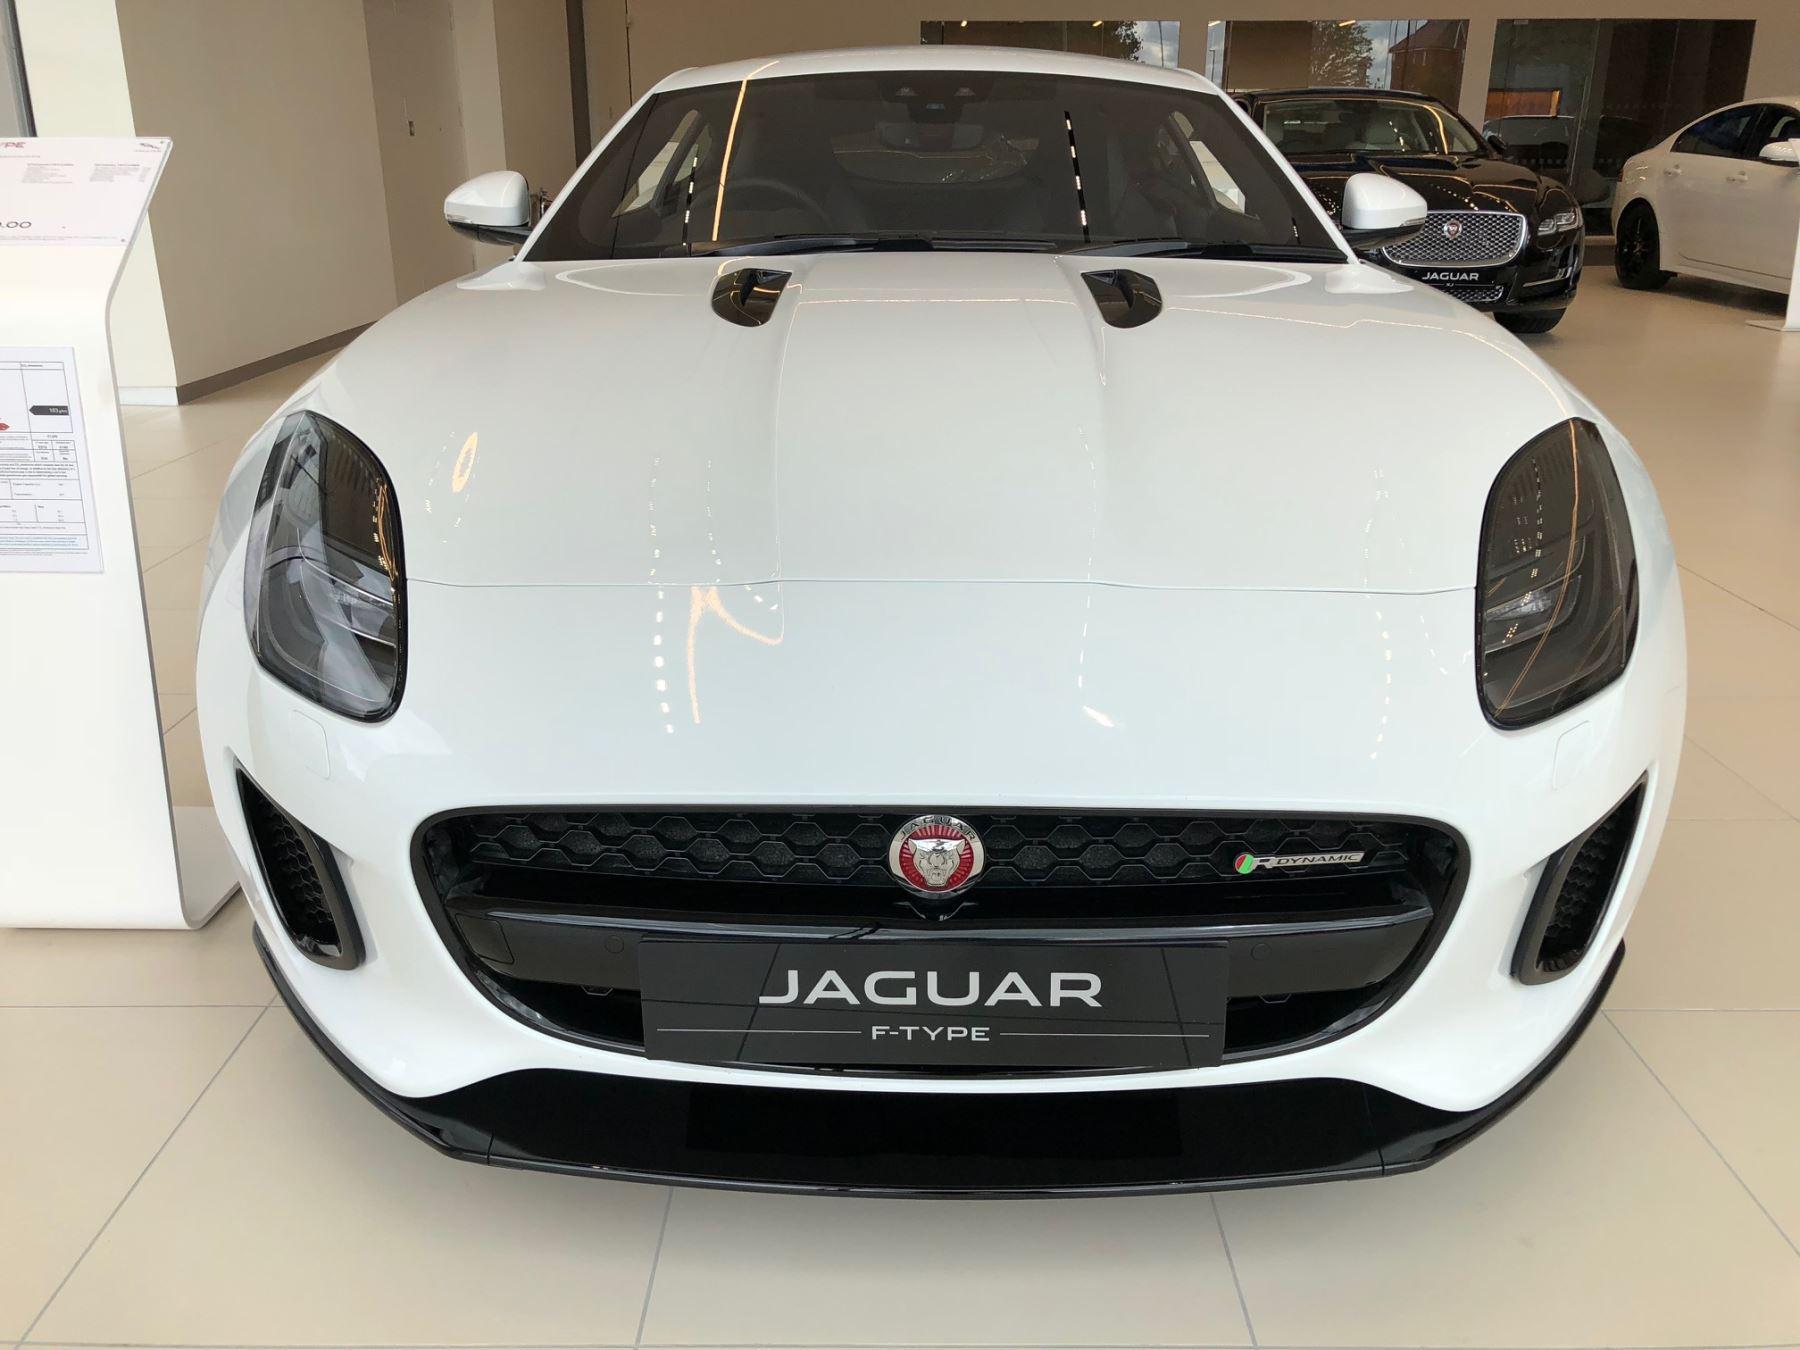 Jaguar F-TYPE 3.0 Supercharged V6 R-Dynamic image 2